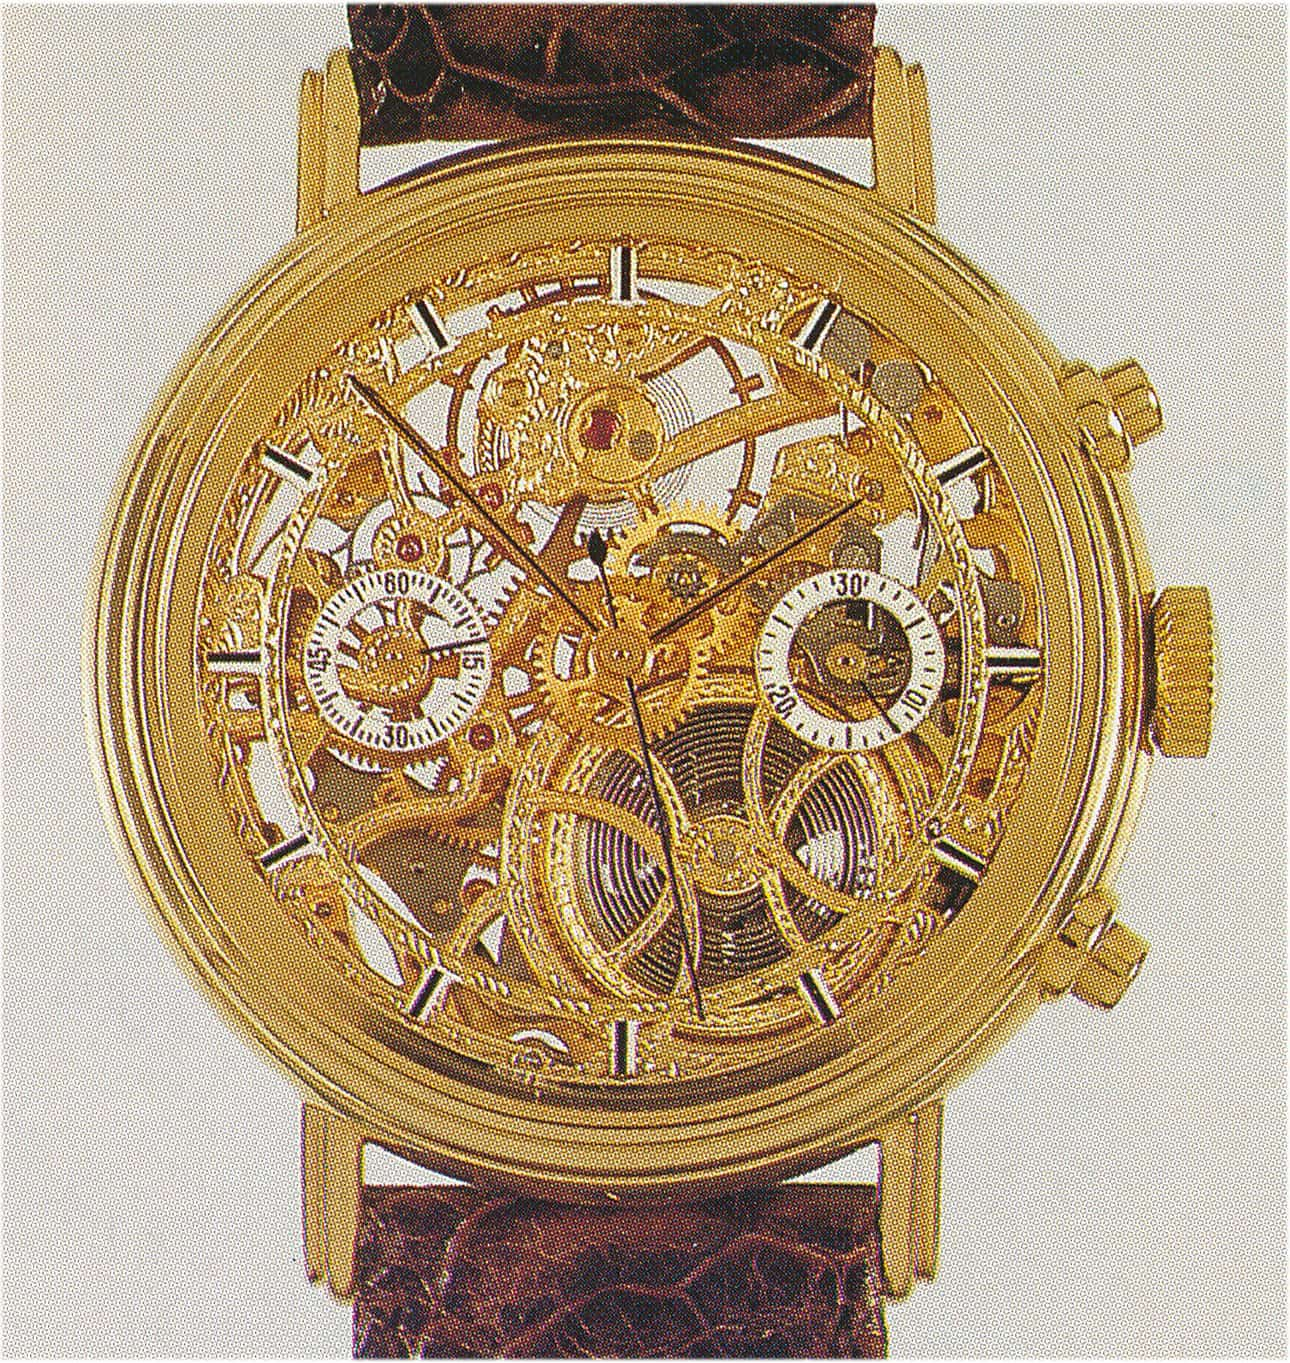 Chronoswiss Armband-Chronograph, Referenz CH 23016 von Alfred Rochat im Jahr 1985 hergestellt